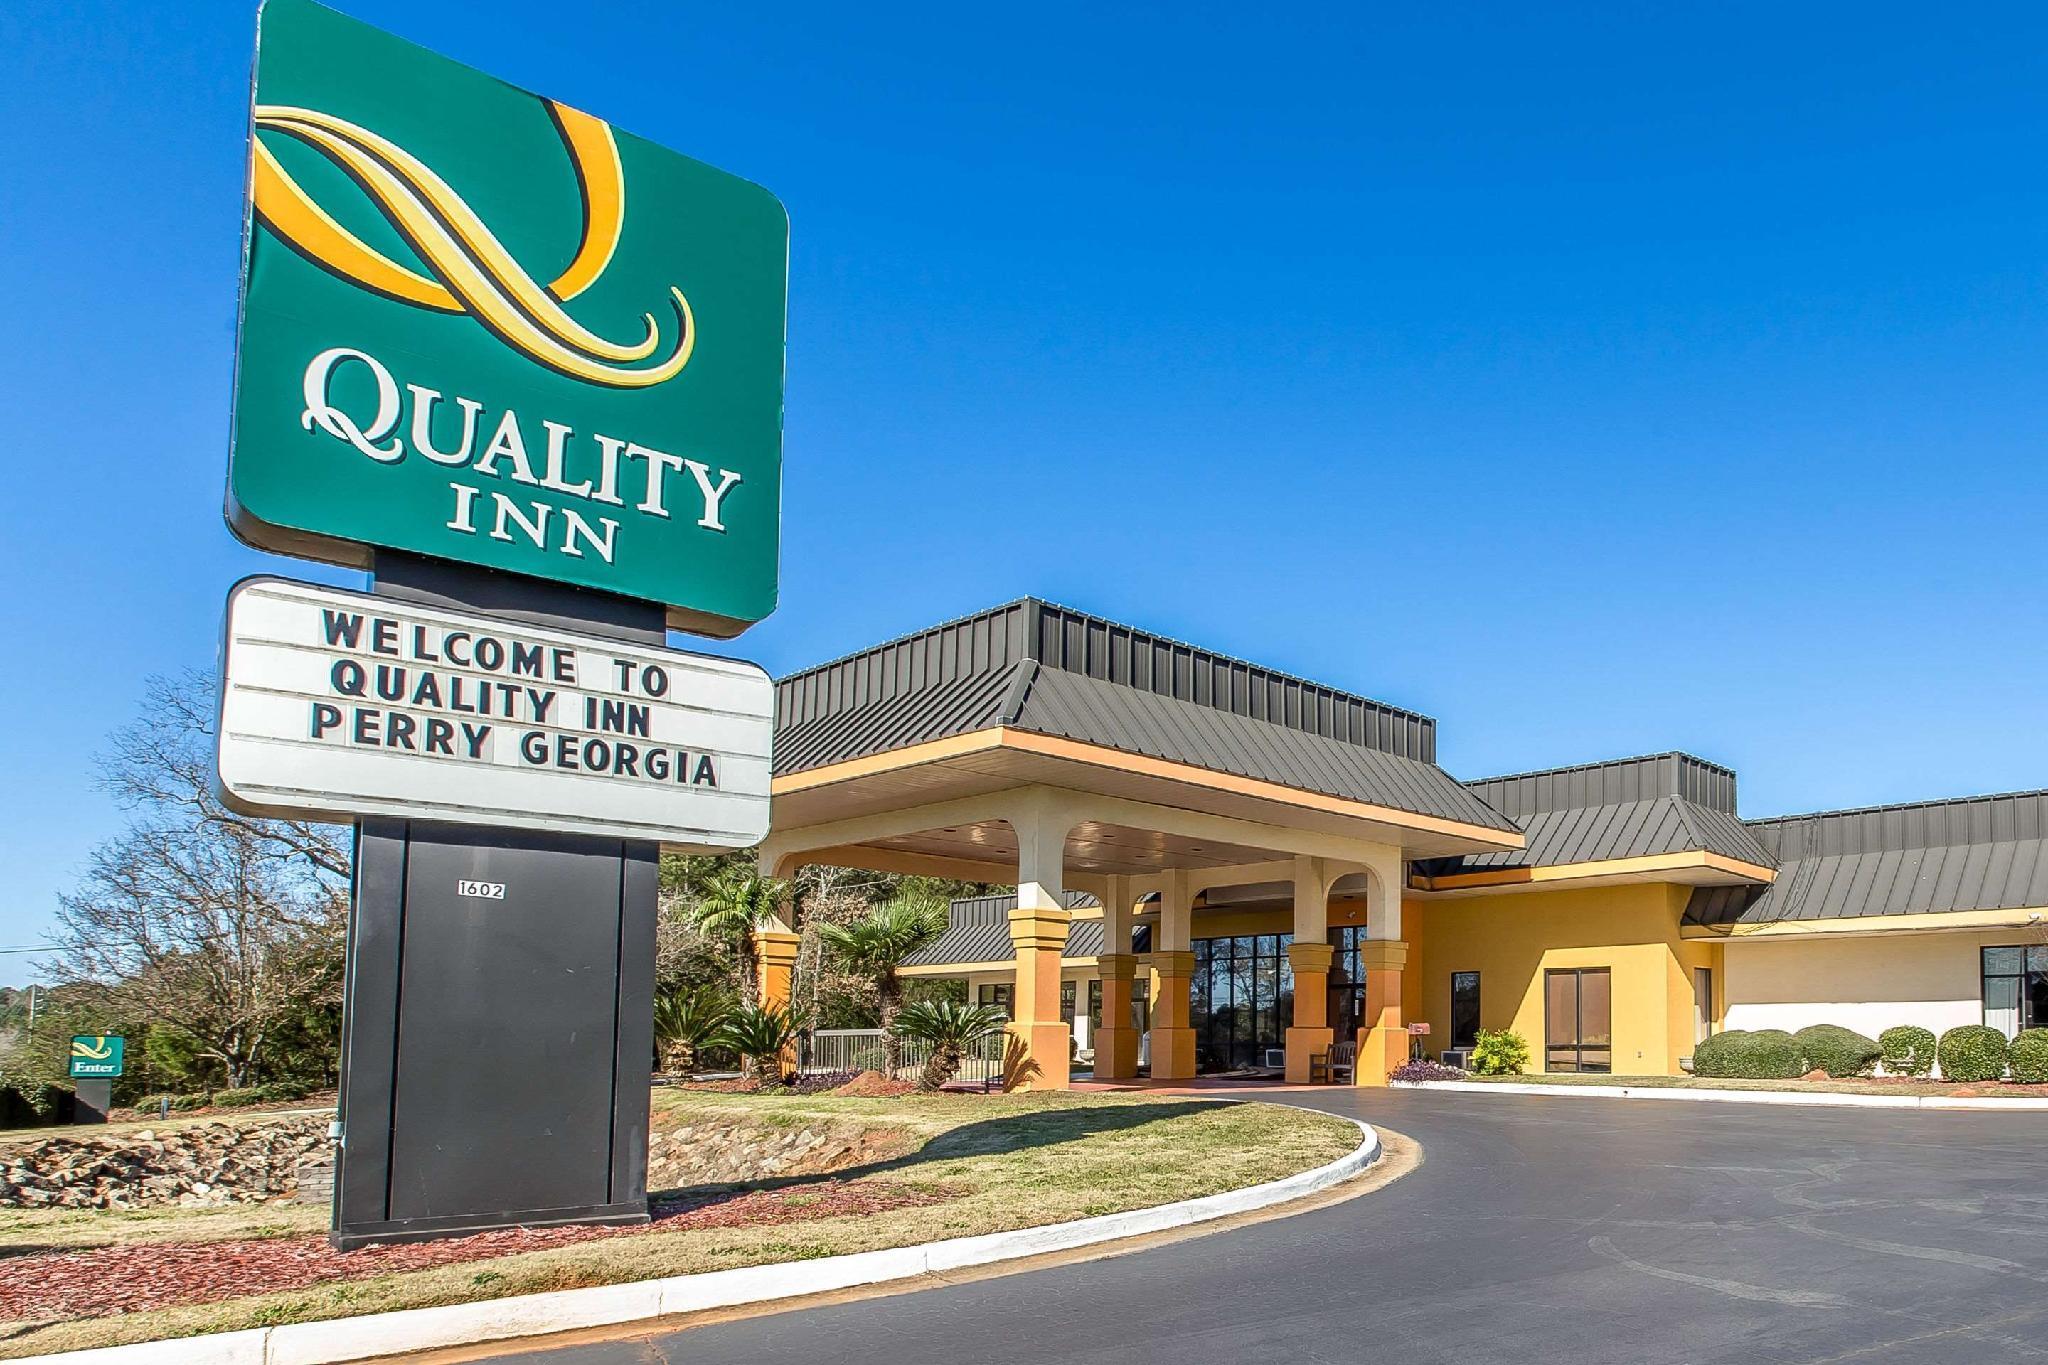 Quality Inn National Fairgrounds Area